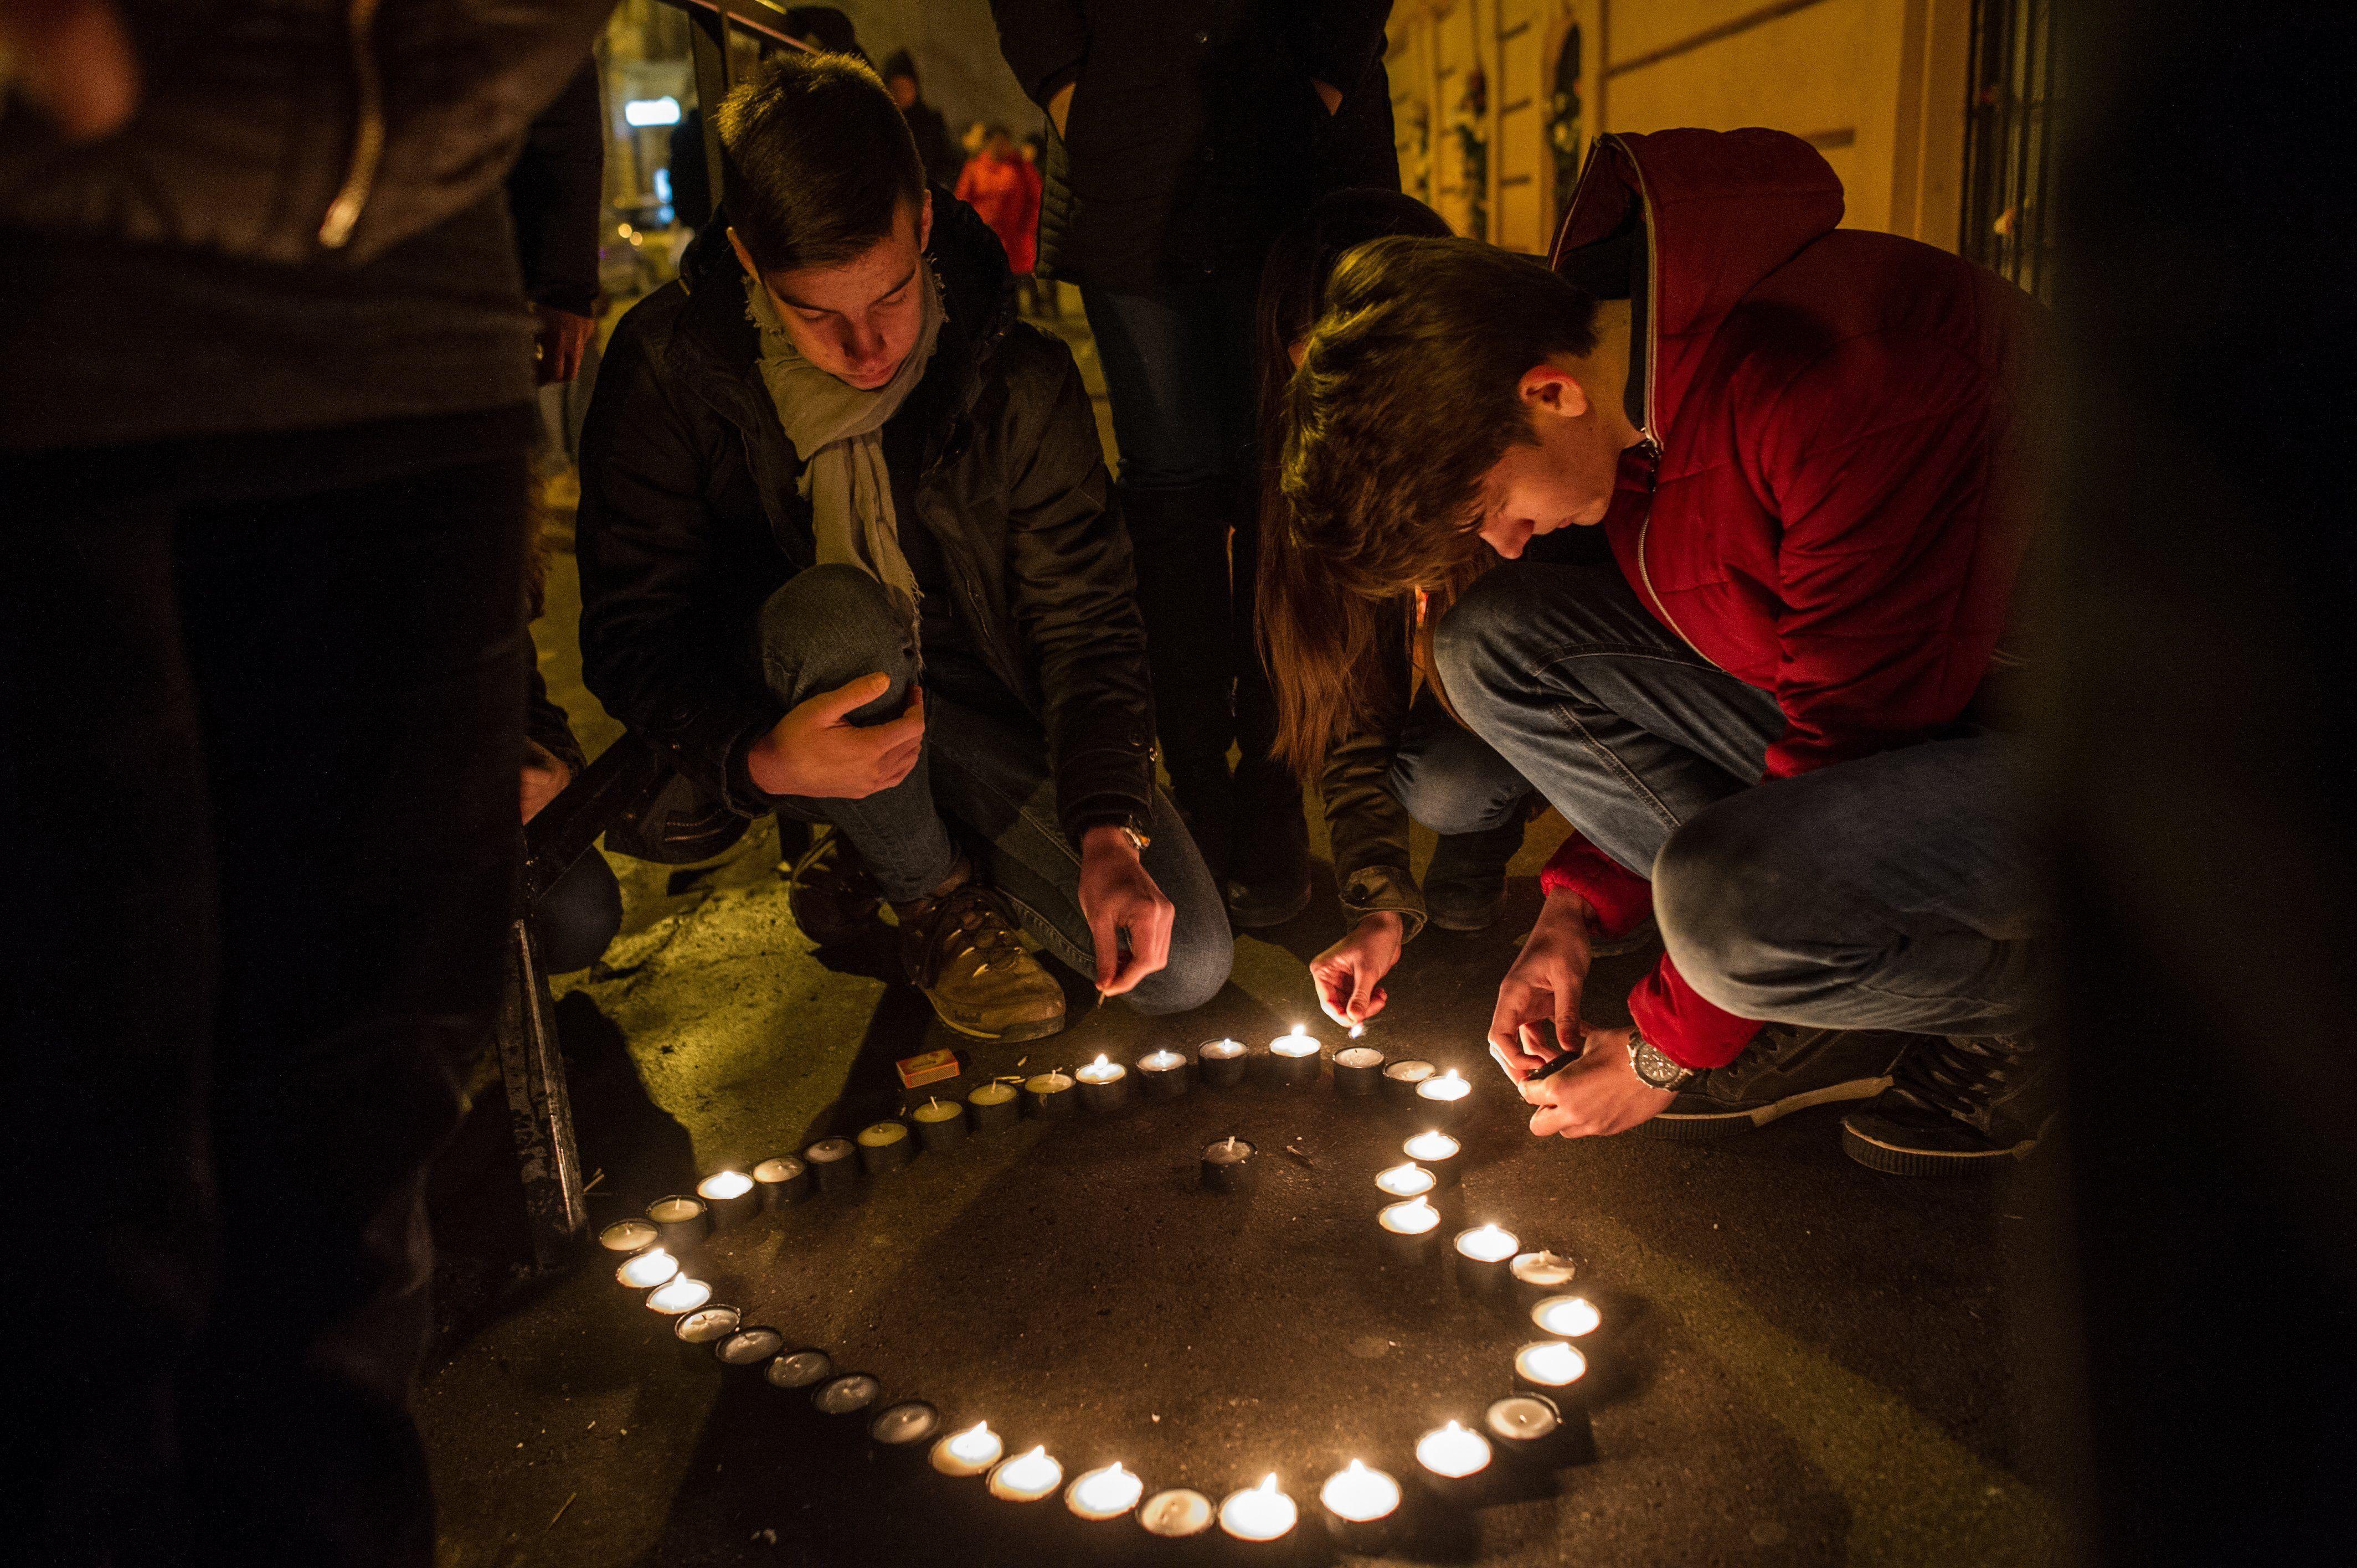 Megemlékezők mécsest gyújtanak a veronai buszbaleset áldozatainak emlékére a VI. kerületi Szinyei Merse Pál Gimnázium előtt 2017. január 22-én. MTI Fotó: Kallos Bea